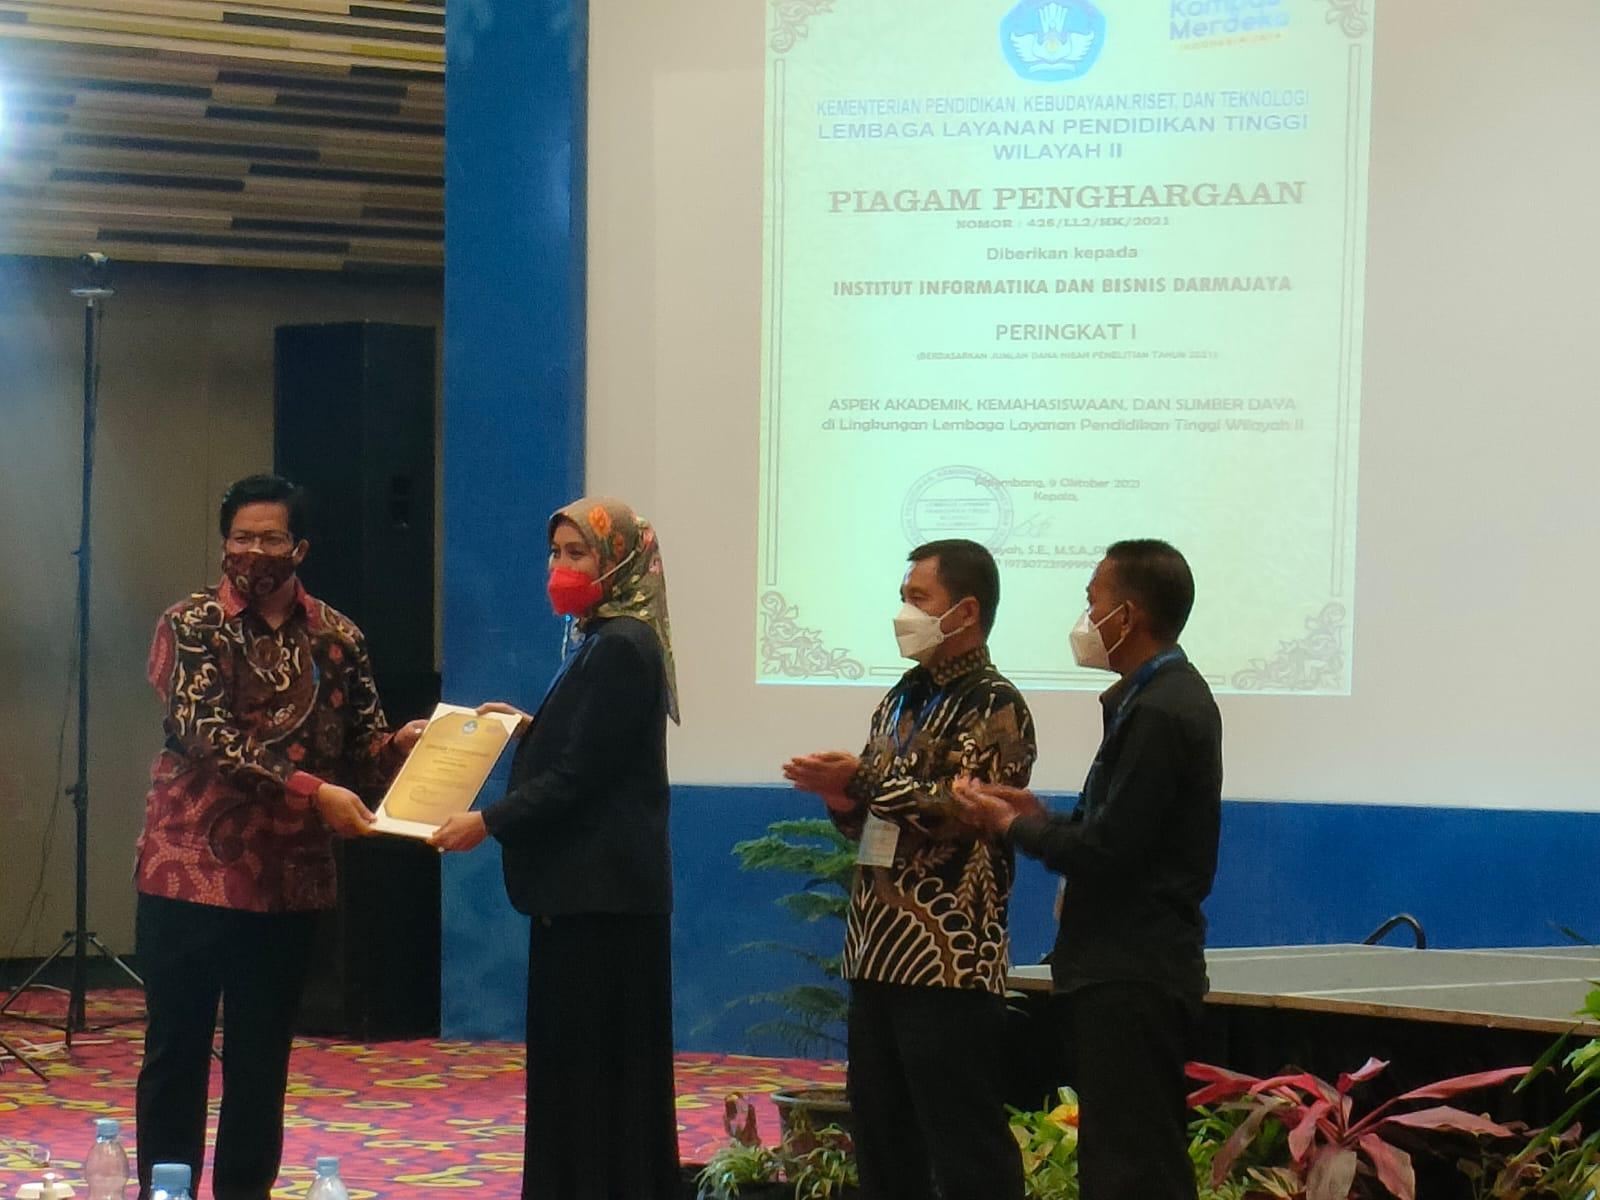 Universitas Bina Darma mendapatkan empat penghargaan dari tiga Kategori Penghargaan yang diberikan oleh LLDIKTI Wilayah II